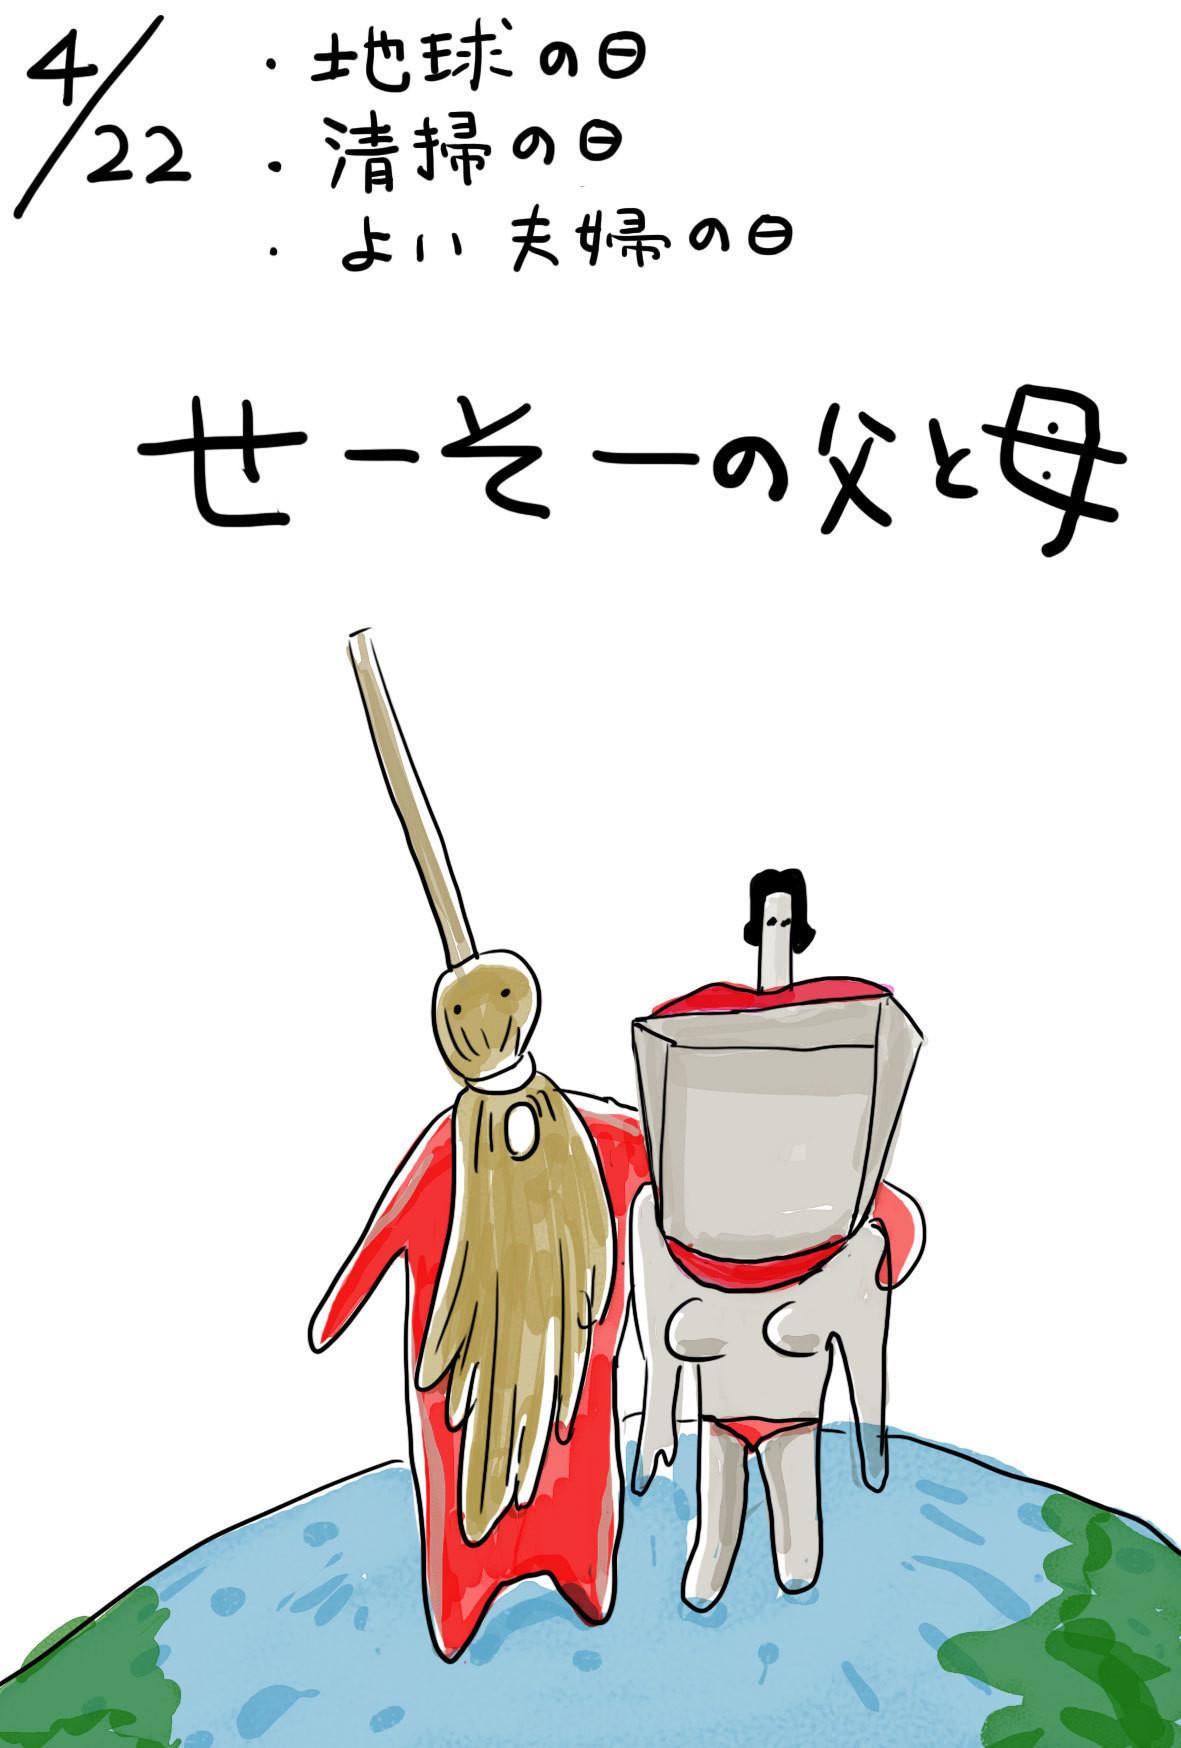 4.22-日めくりキャラクター04-復元-復元